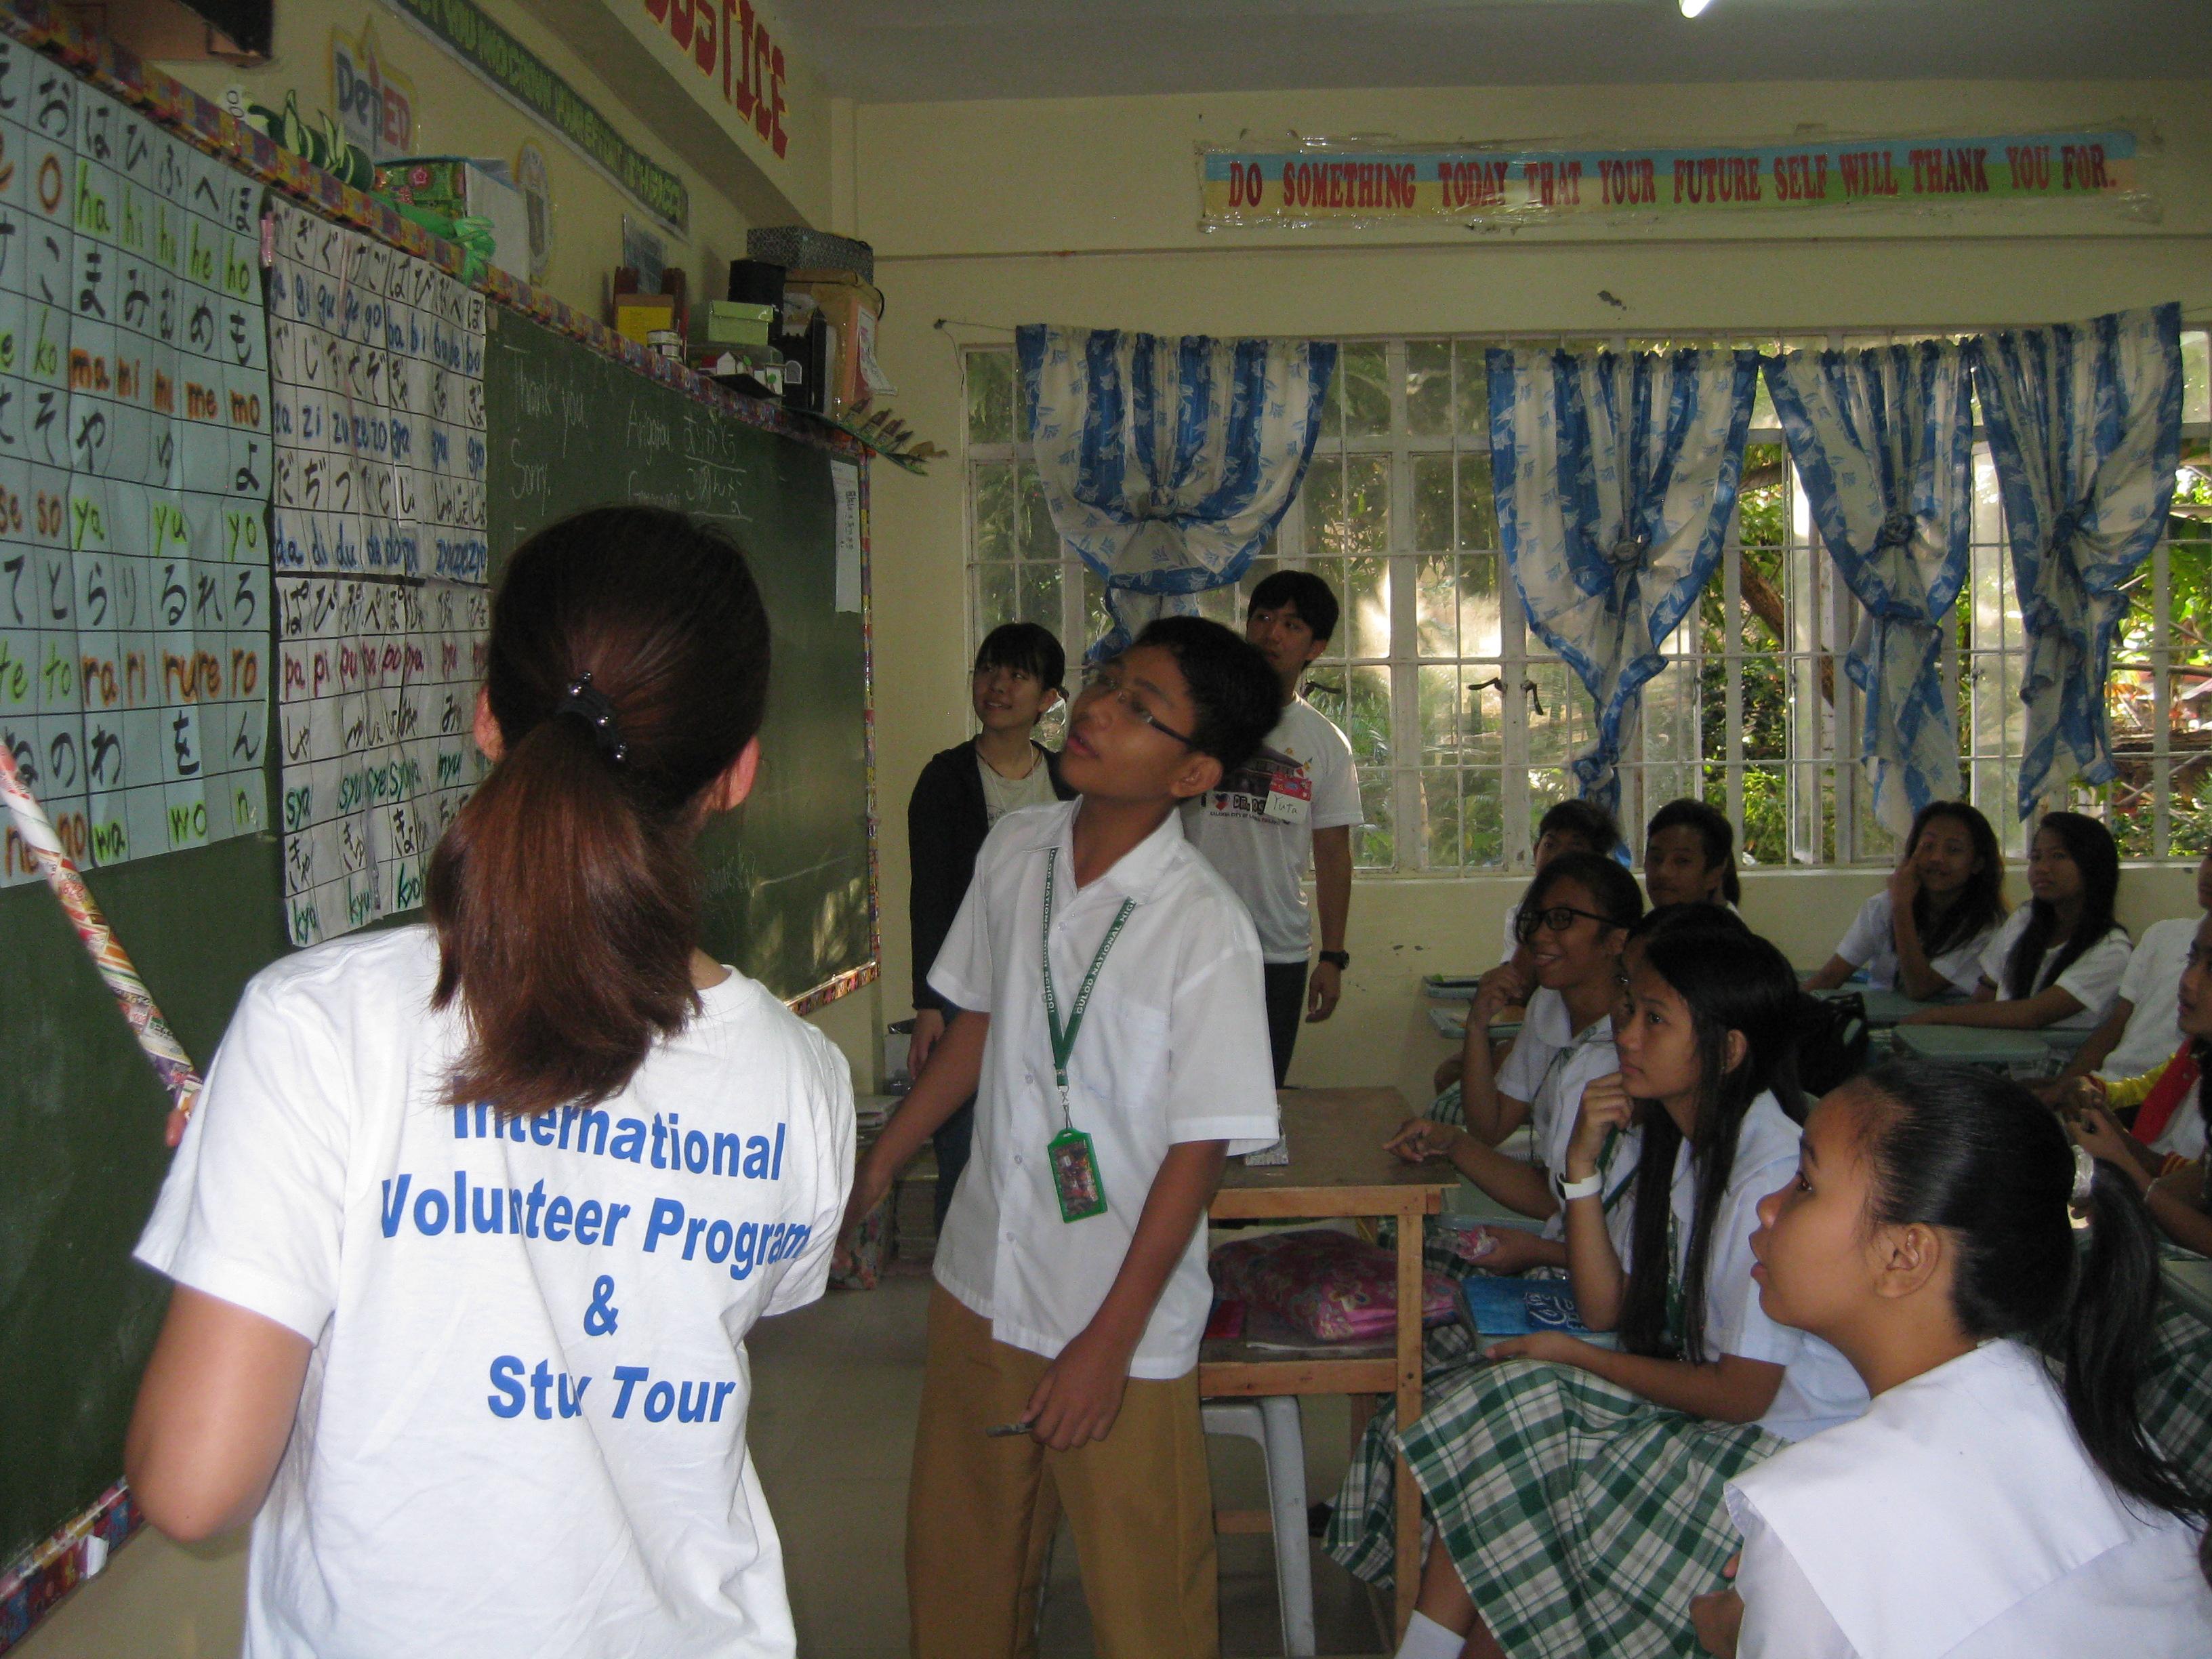 ボランティア派遣事業のイメージ